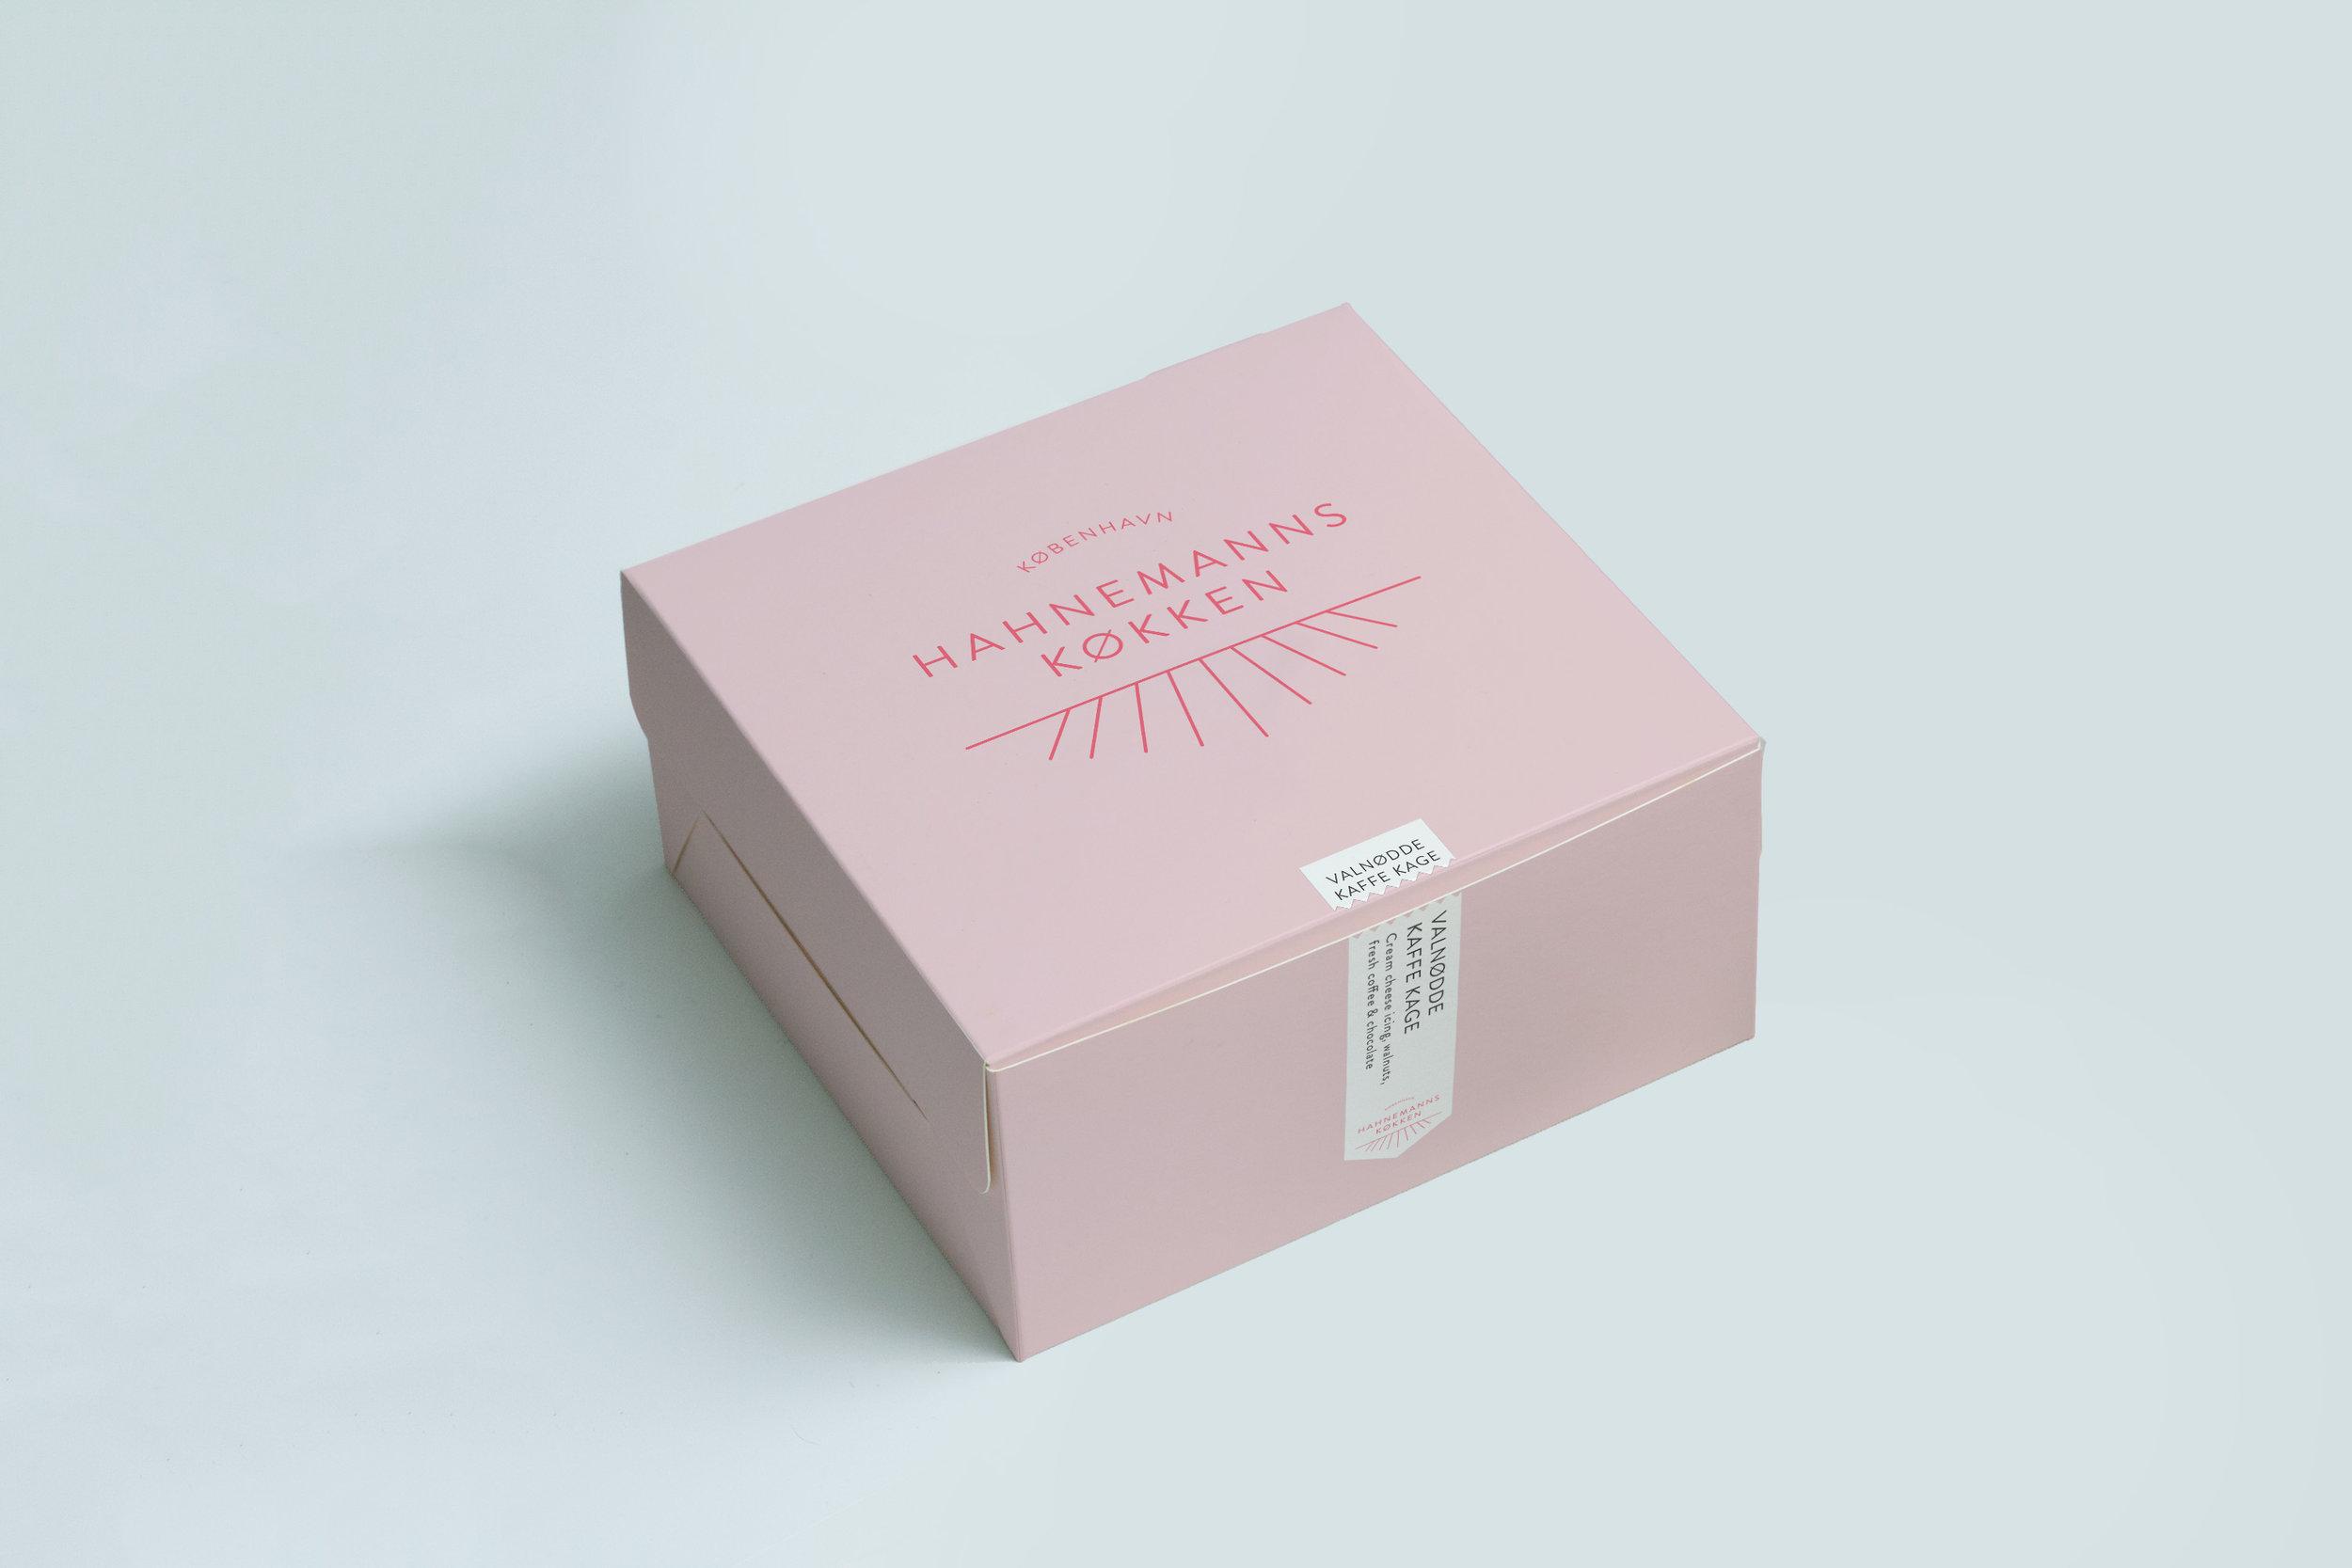 Cake Box Mockup 1.jpg